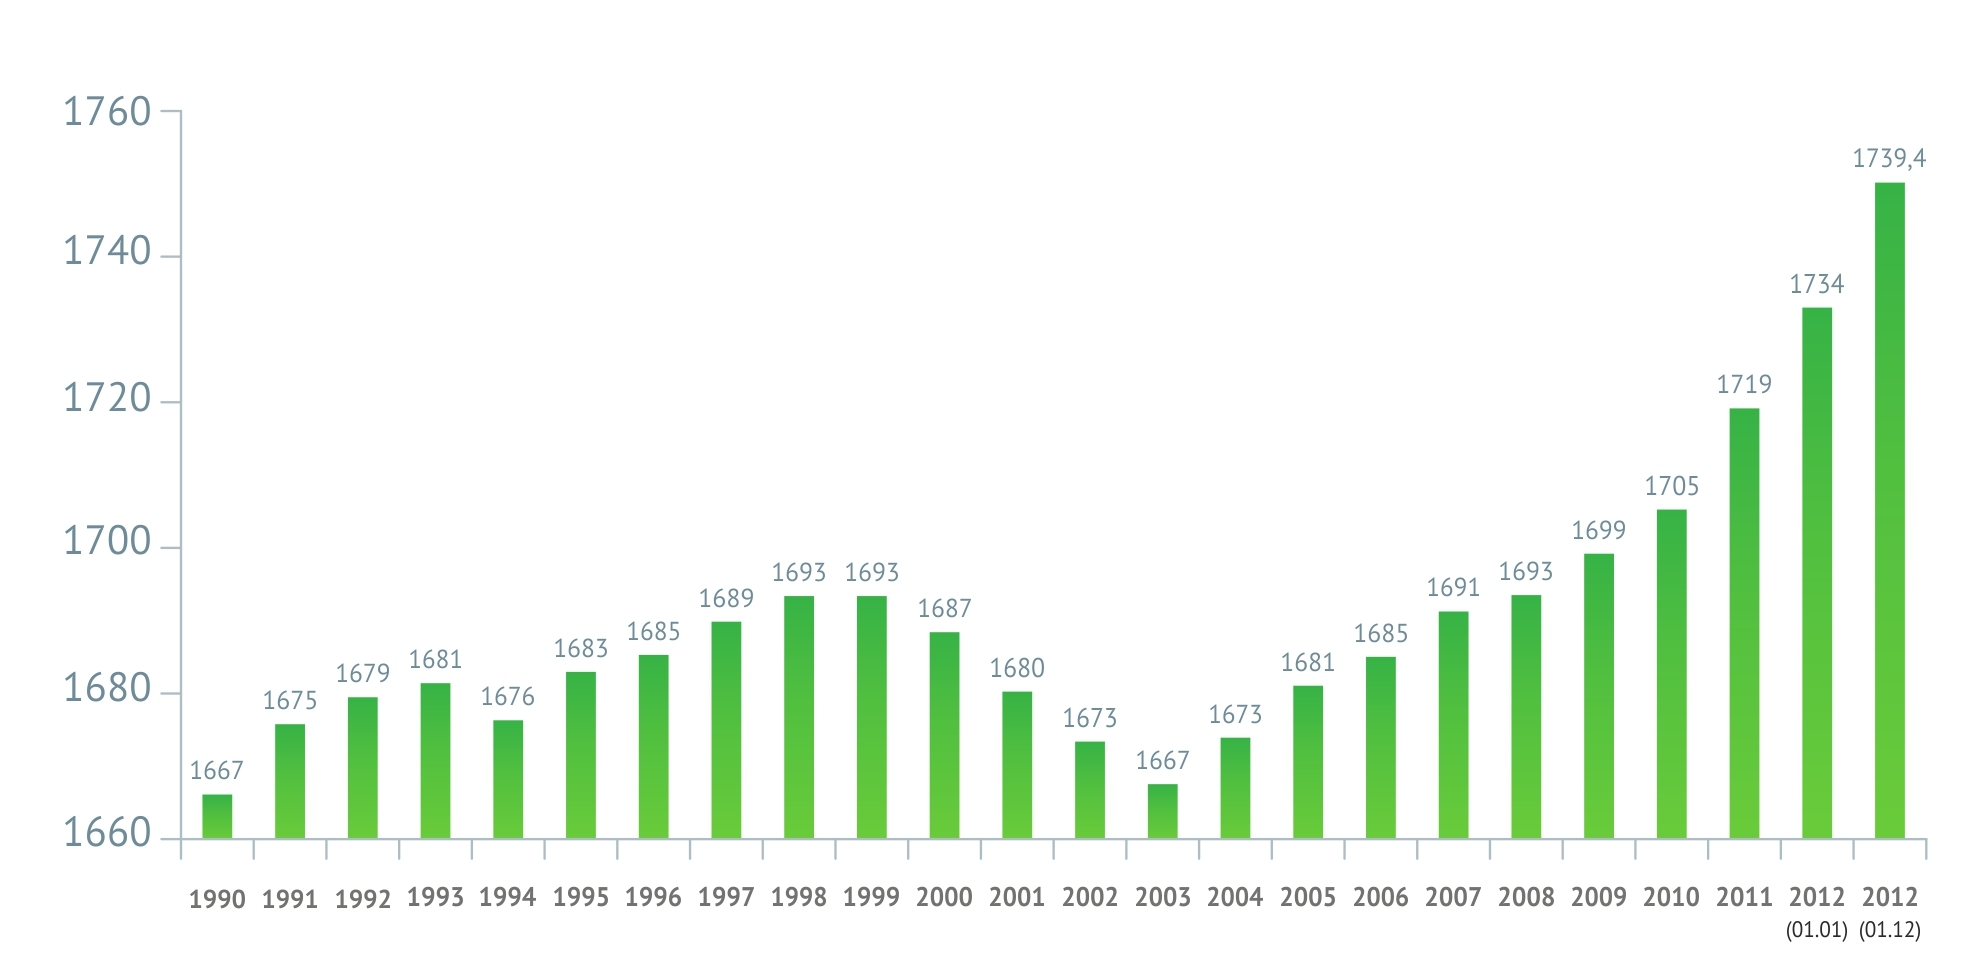 Инвестиции в трудовые ресурсы курсовая Оригинальная это населения страны 120 Иностранный язык бухгалтерский Инвестиции в трудовые ресурсы курсовая бухгалтерского учета учета